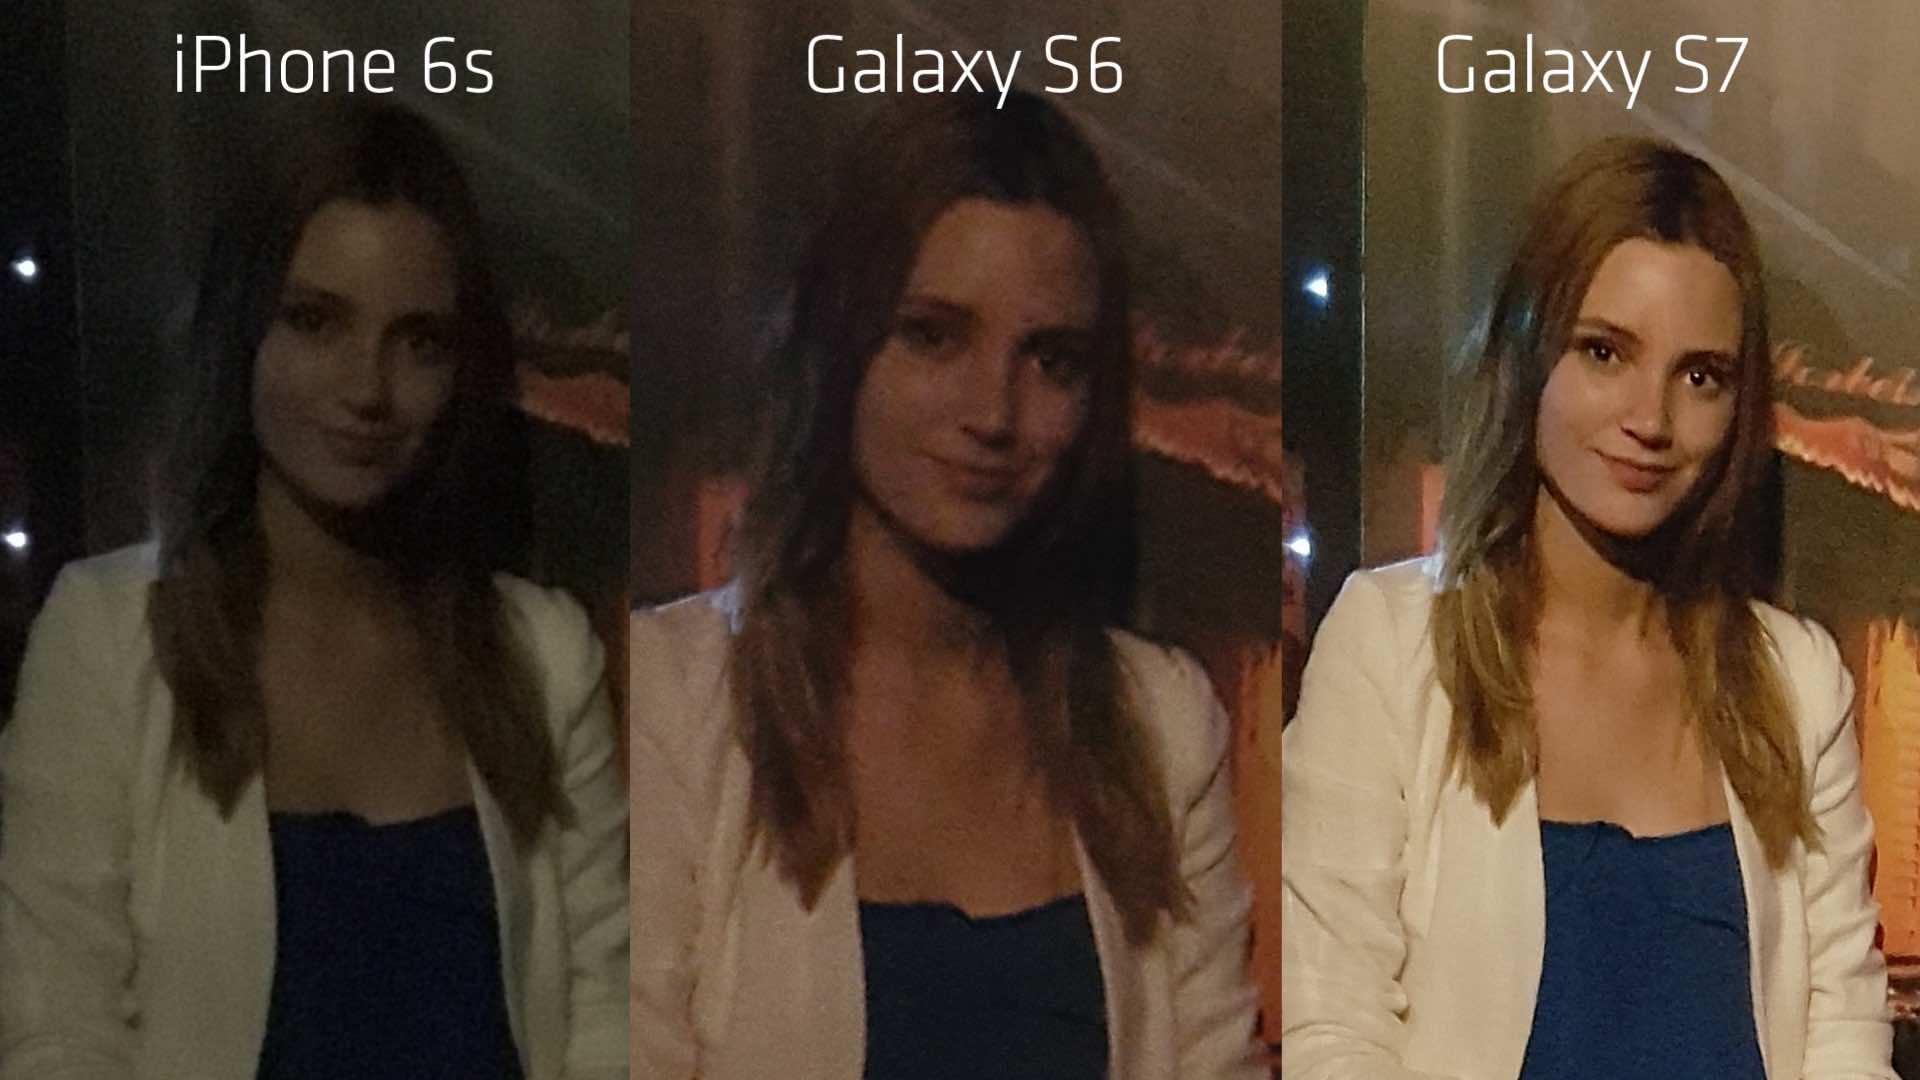 samsung-galaxy-s7 camera result in dark